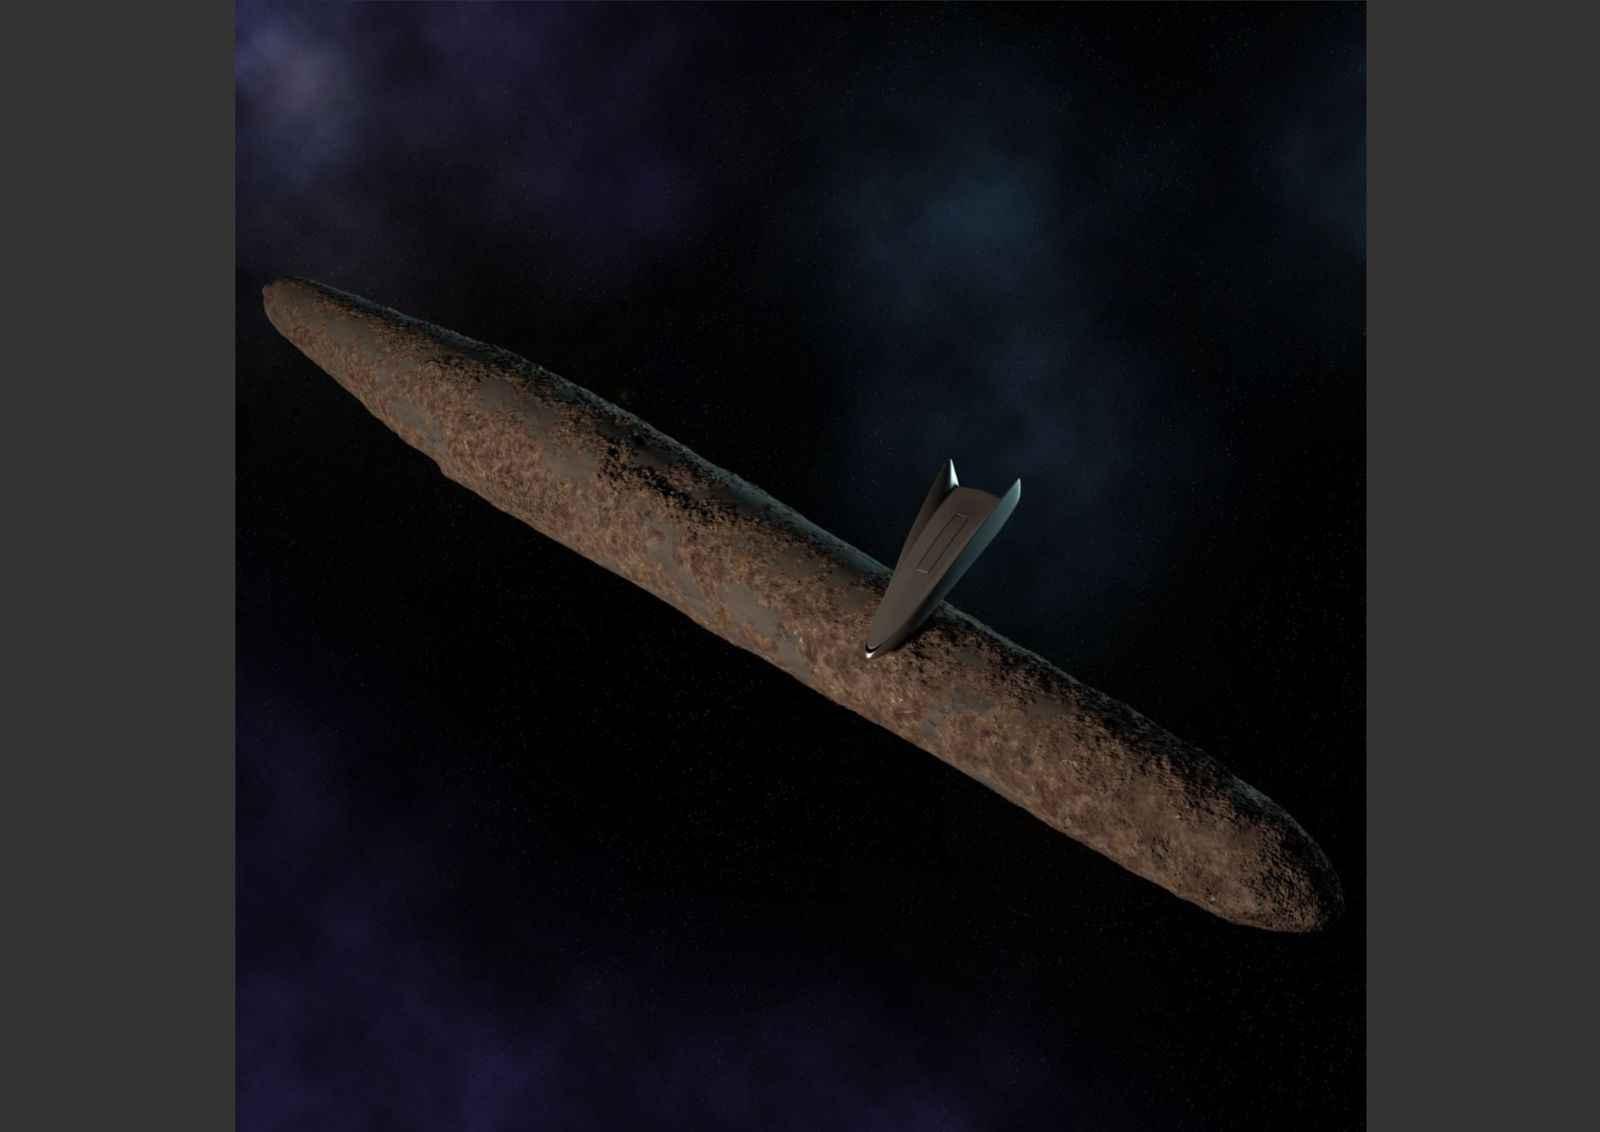 Майкл Салла - Инсайдеры военно-морского флота подтверждают миссию тайного космического флота к Оумумуа + Раскроет ли Глубинное государство погребённую под льдами цивилизацию Антарктики ради отвлечения от надвигающихся массовых арестов, 22-28 февраля 2019 17_Oumuamua_and_MIC_SSP_craft_2